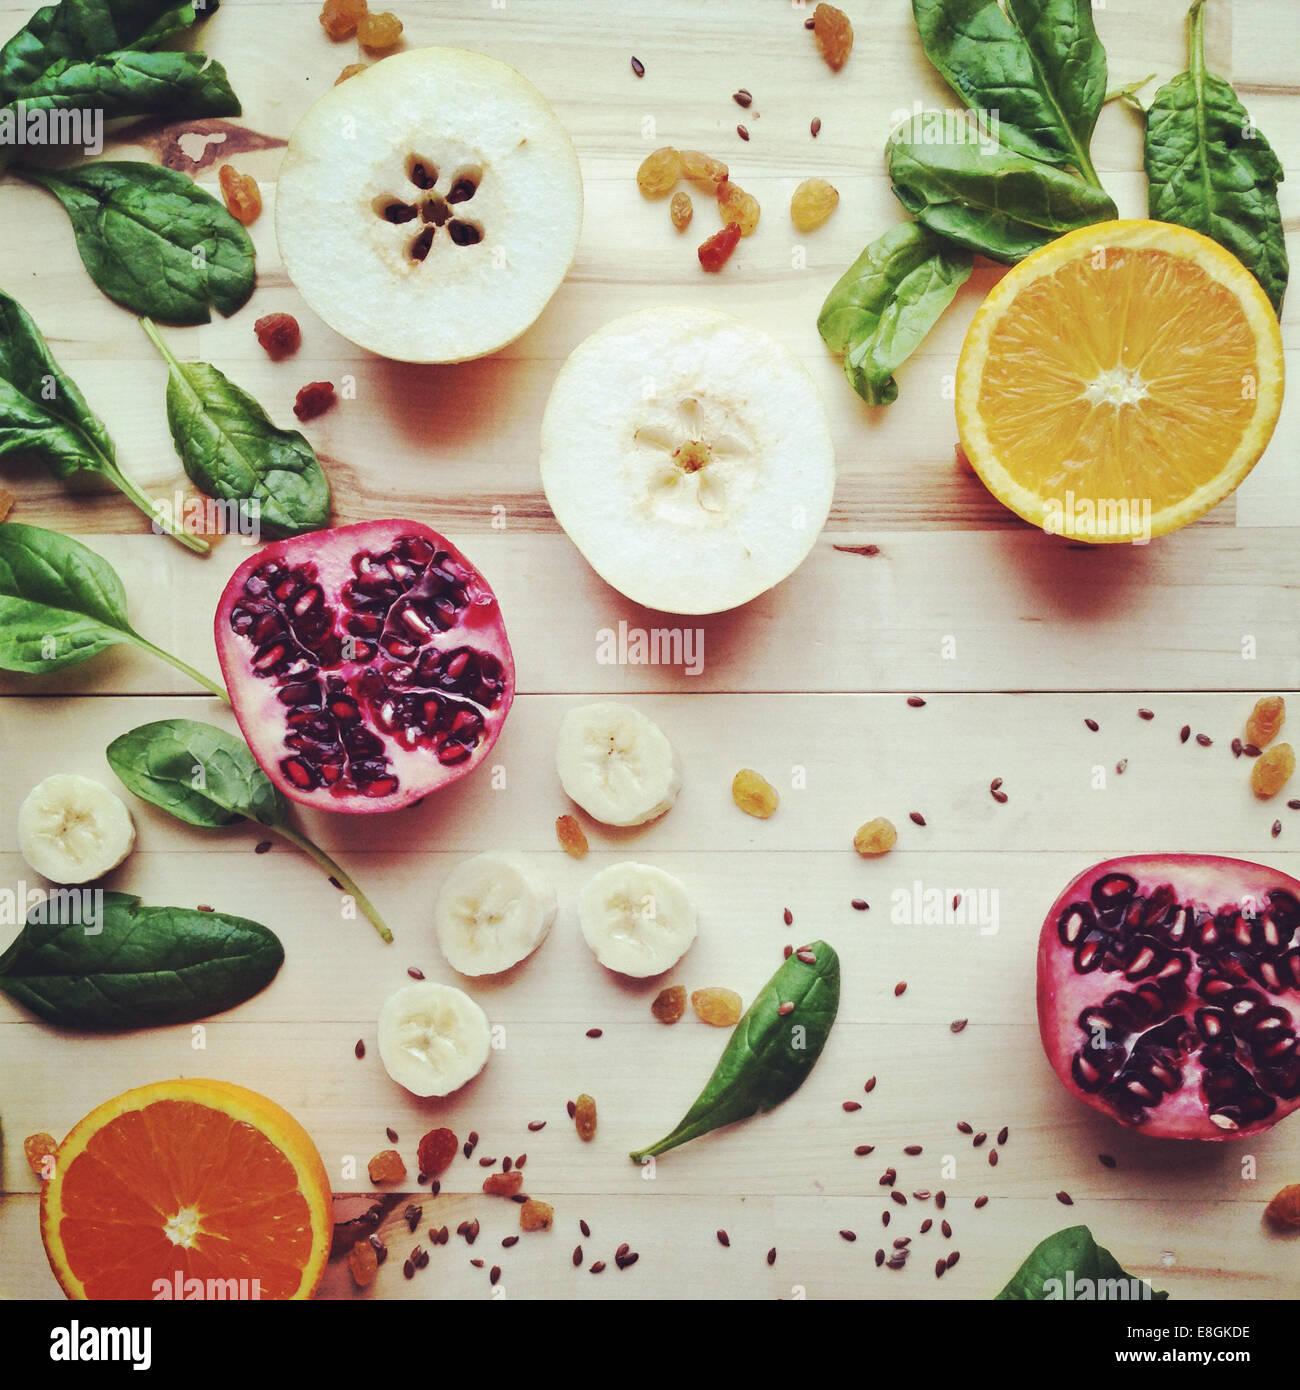 Geschnittene Früchte, Samen und Gemüse Stockbild